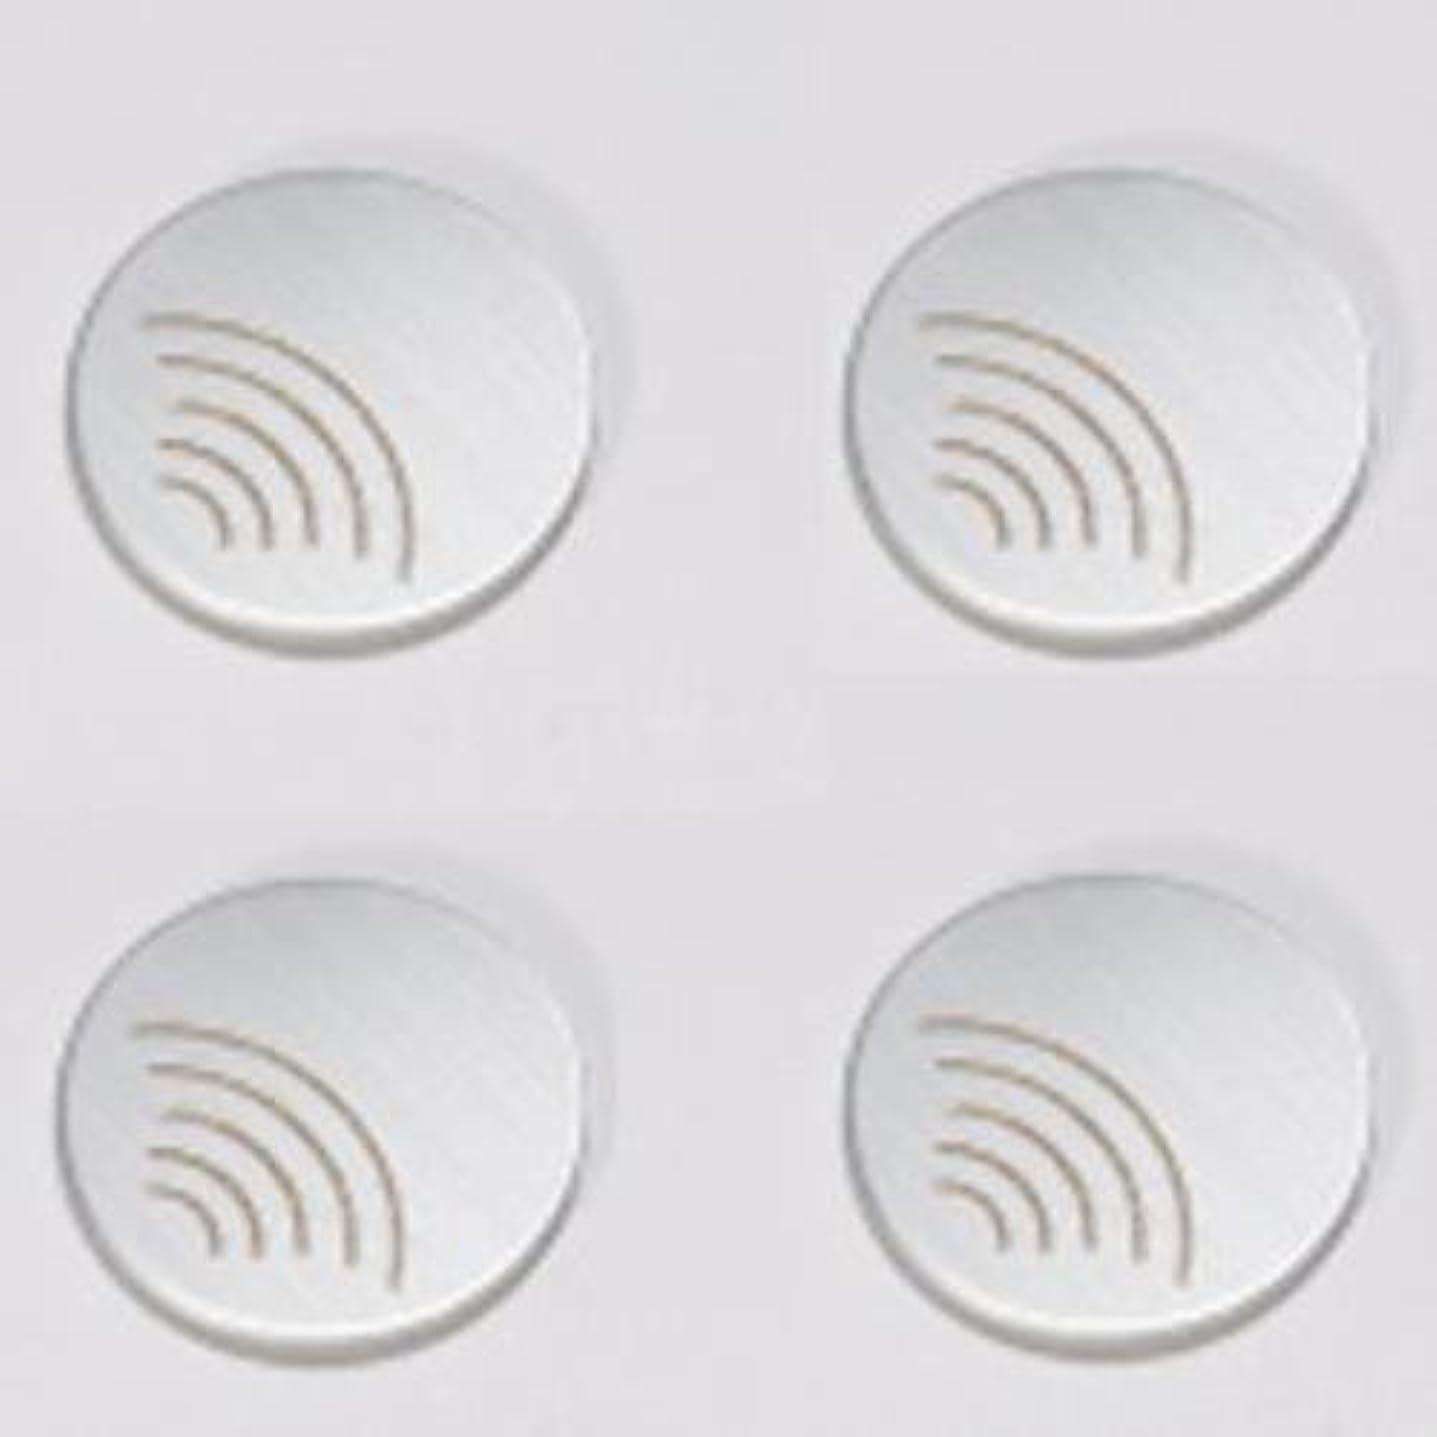 原理マイクロフォンリレーBhado 携帯電話用 1g 4個セット